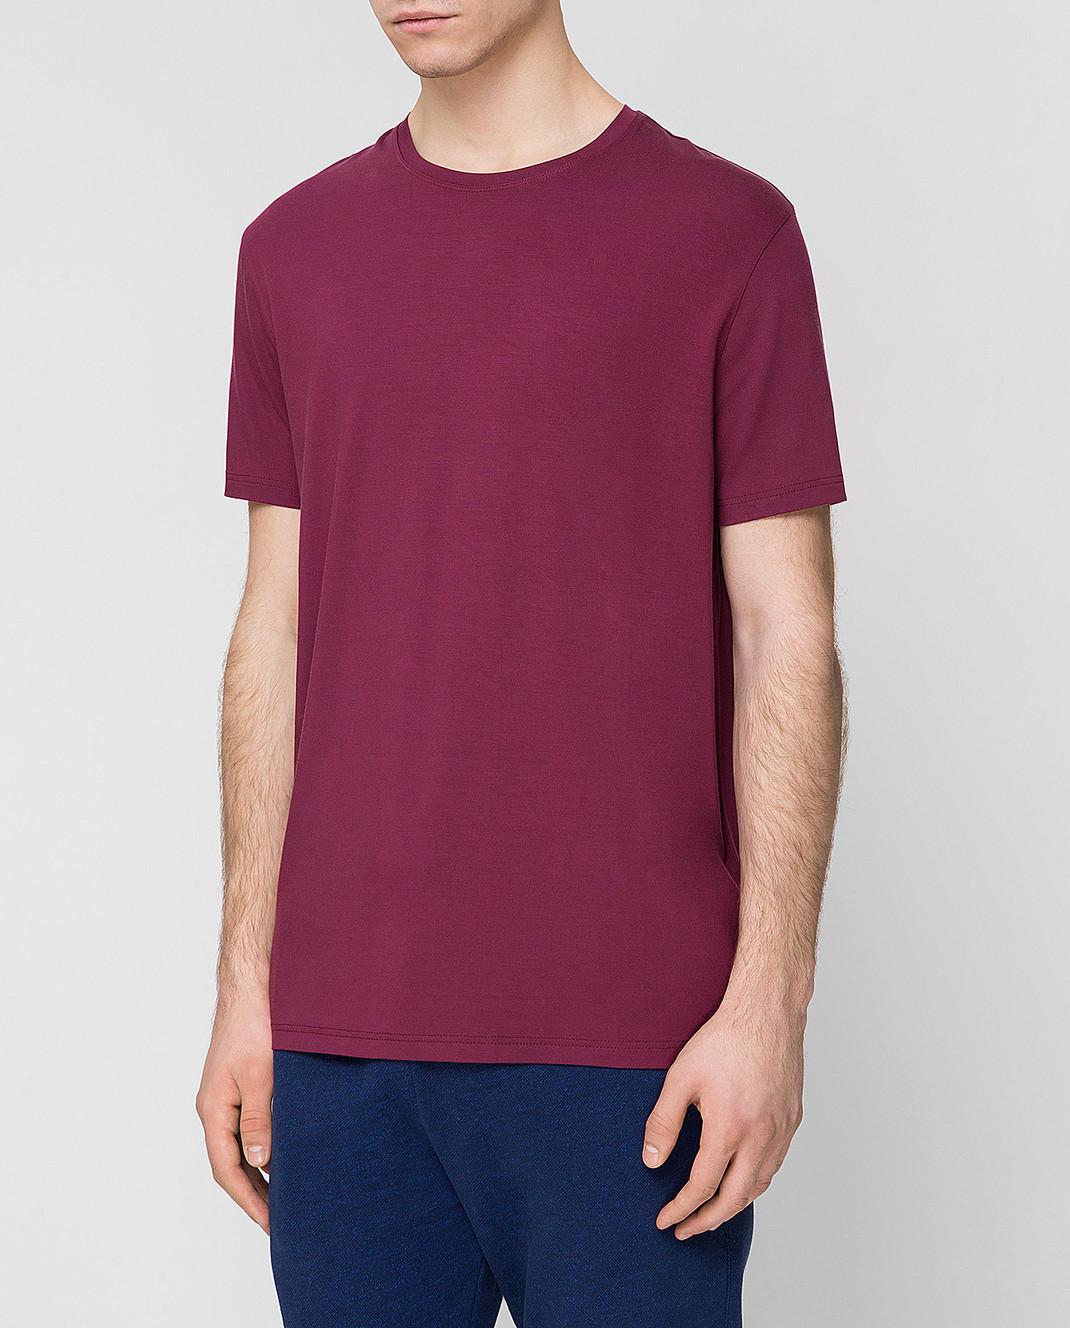 Derek Rose Бордовая футболка 3048BASE005 изображение 3